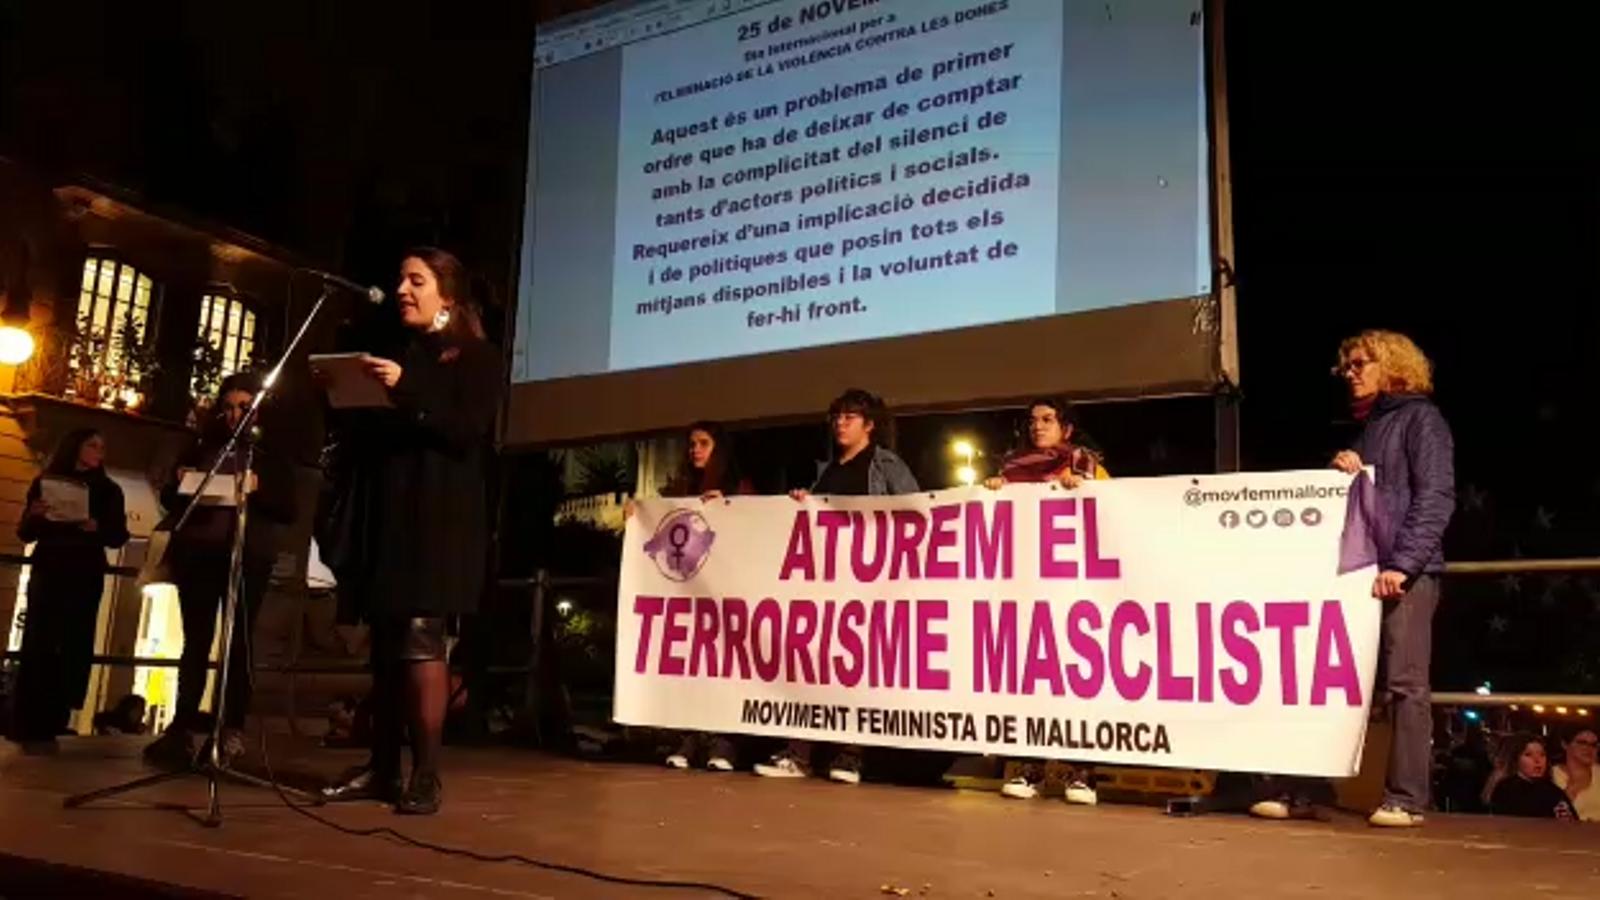 Vídeo del manifest que han llegit els organitzadors